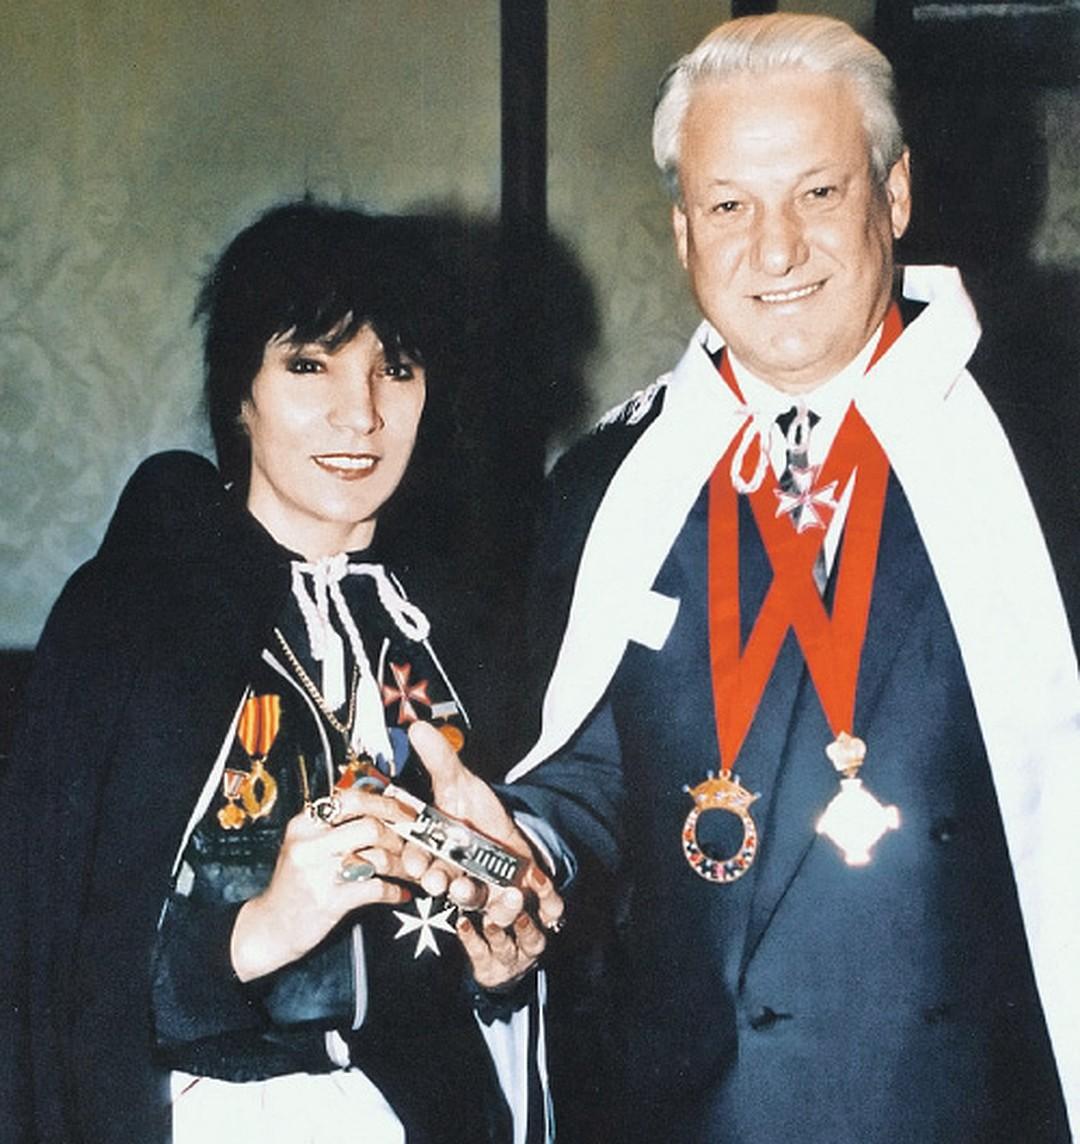 Рисунок 3. Борис Ельцин награждает целительницу орденом Дружбы народов